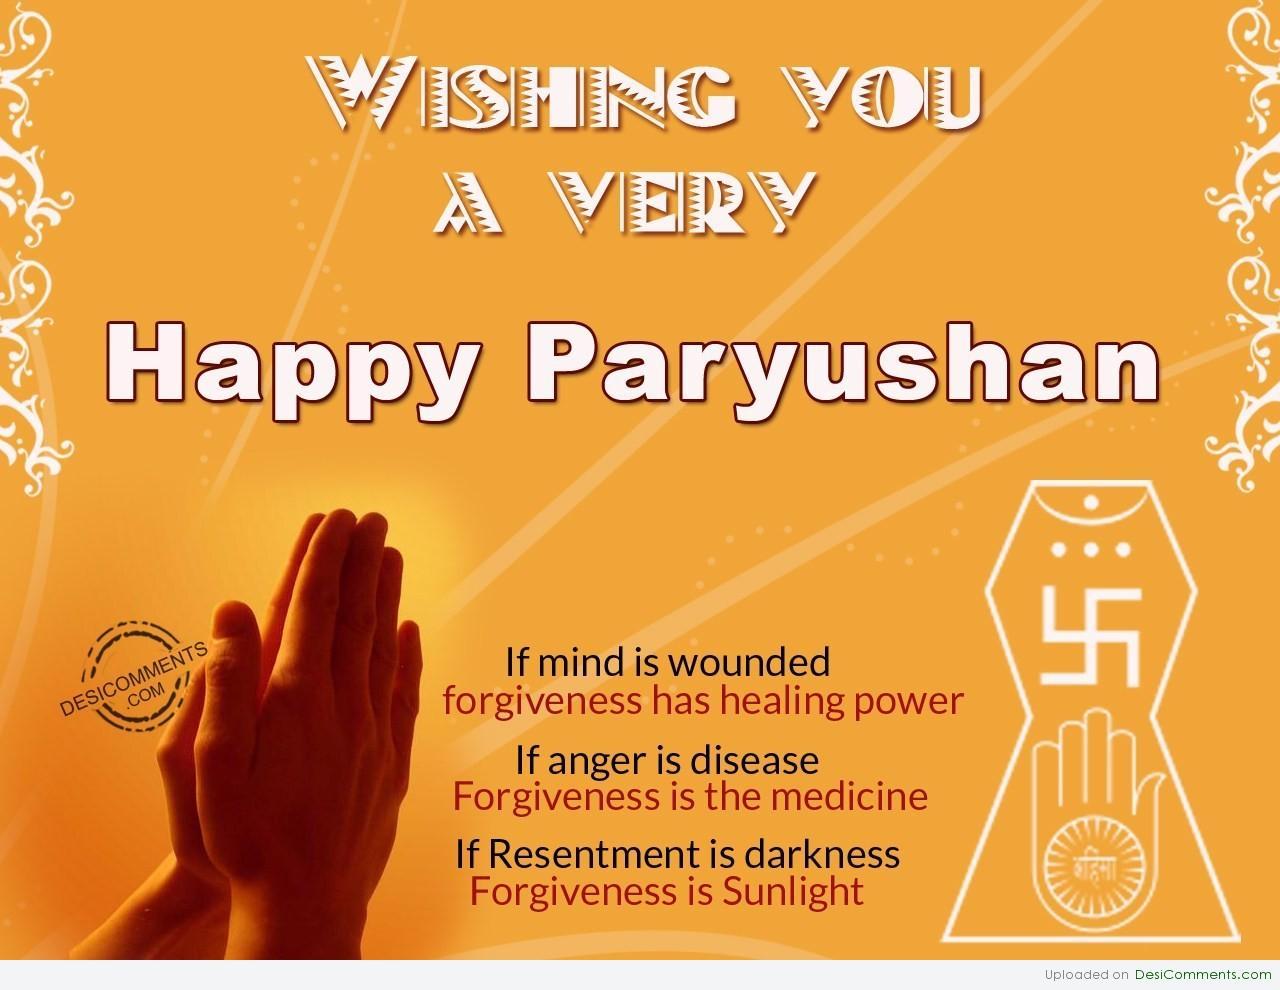 Paryushan parva 2015